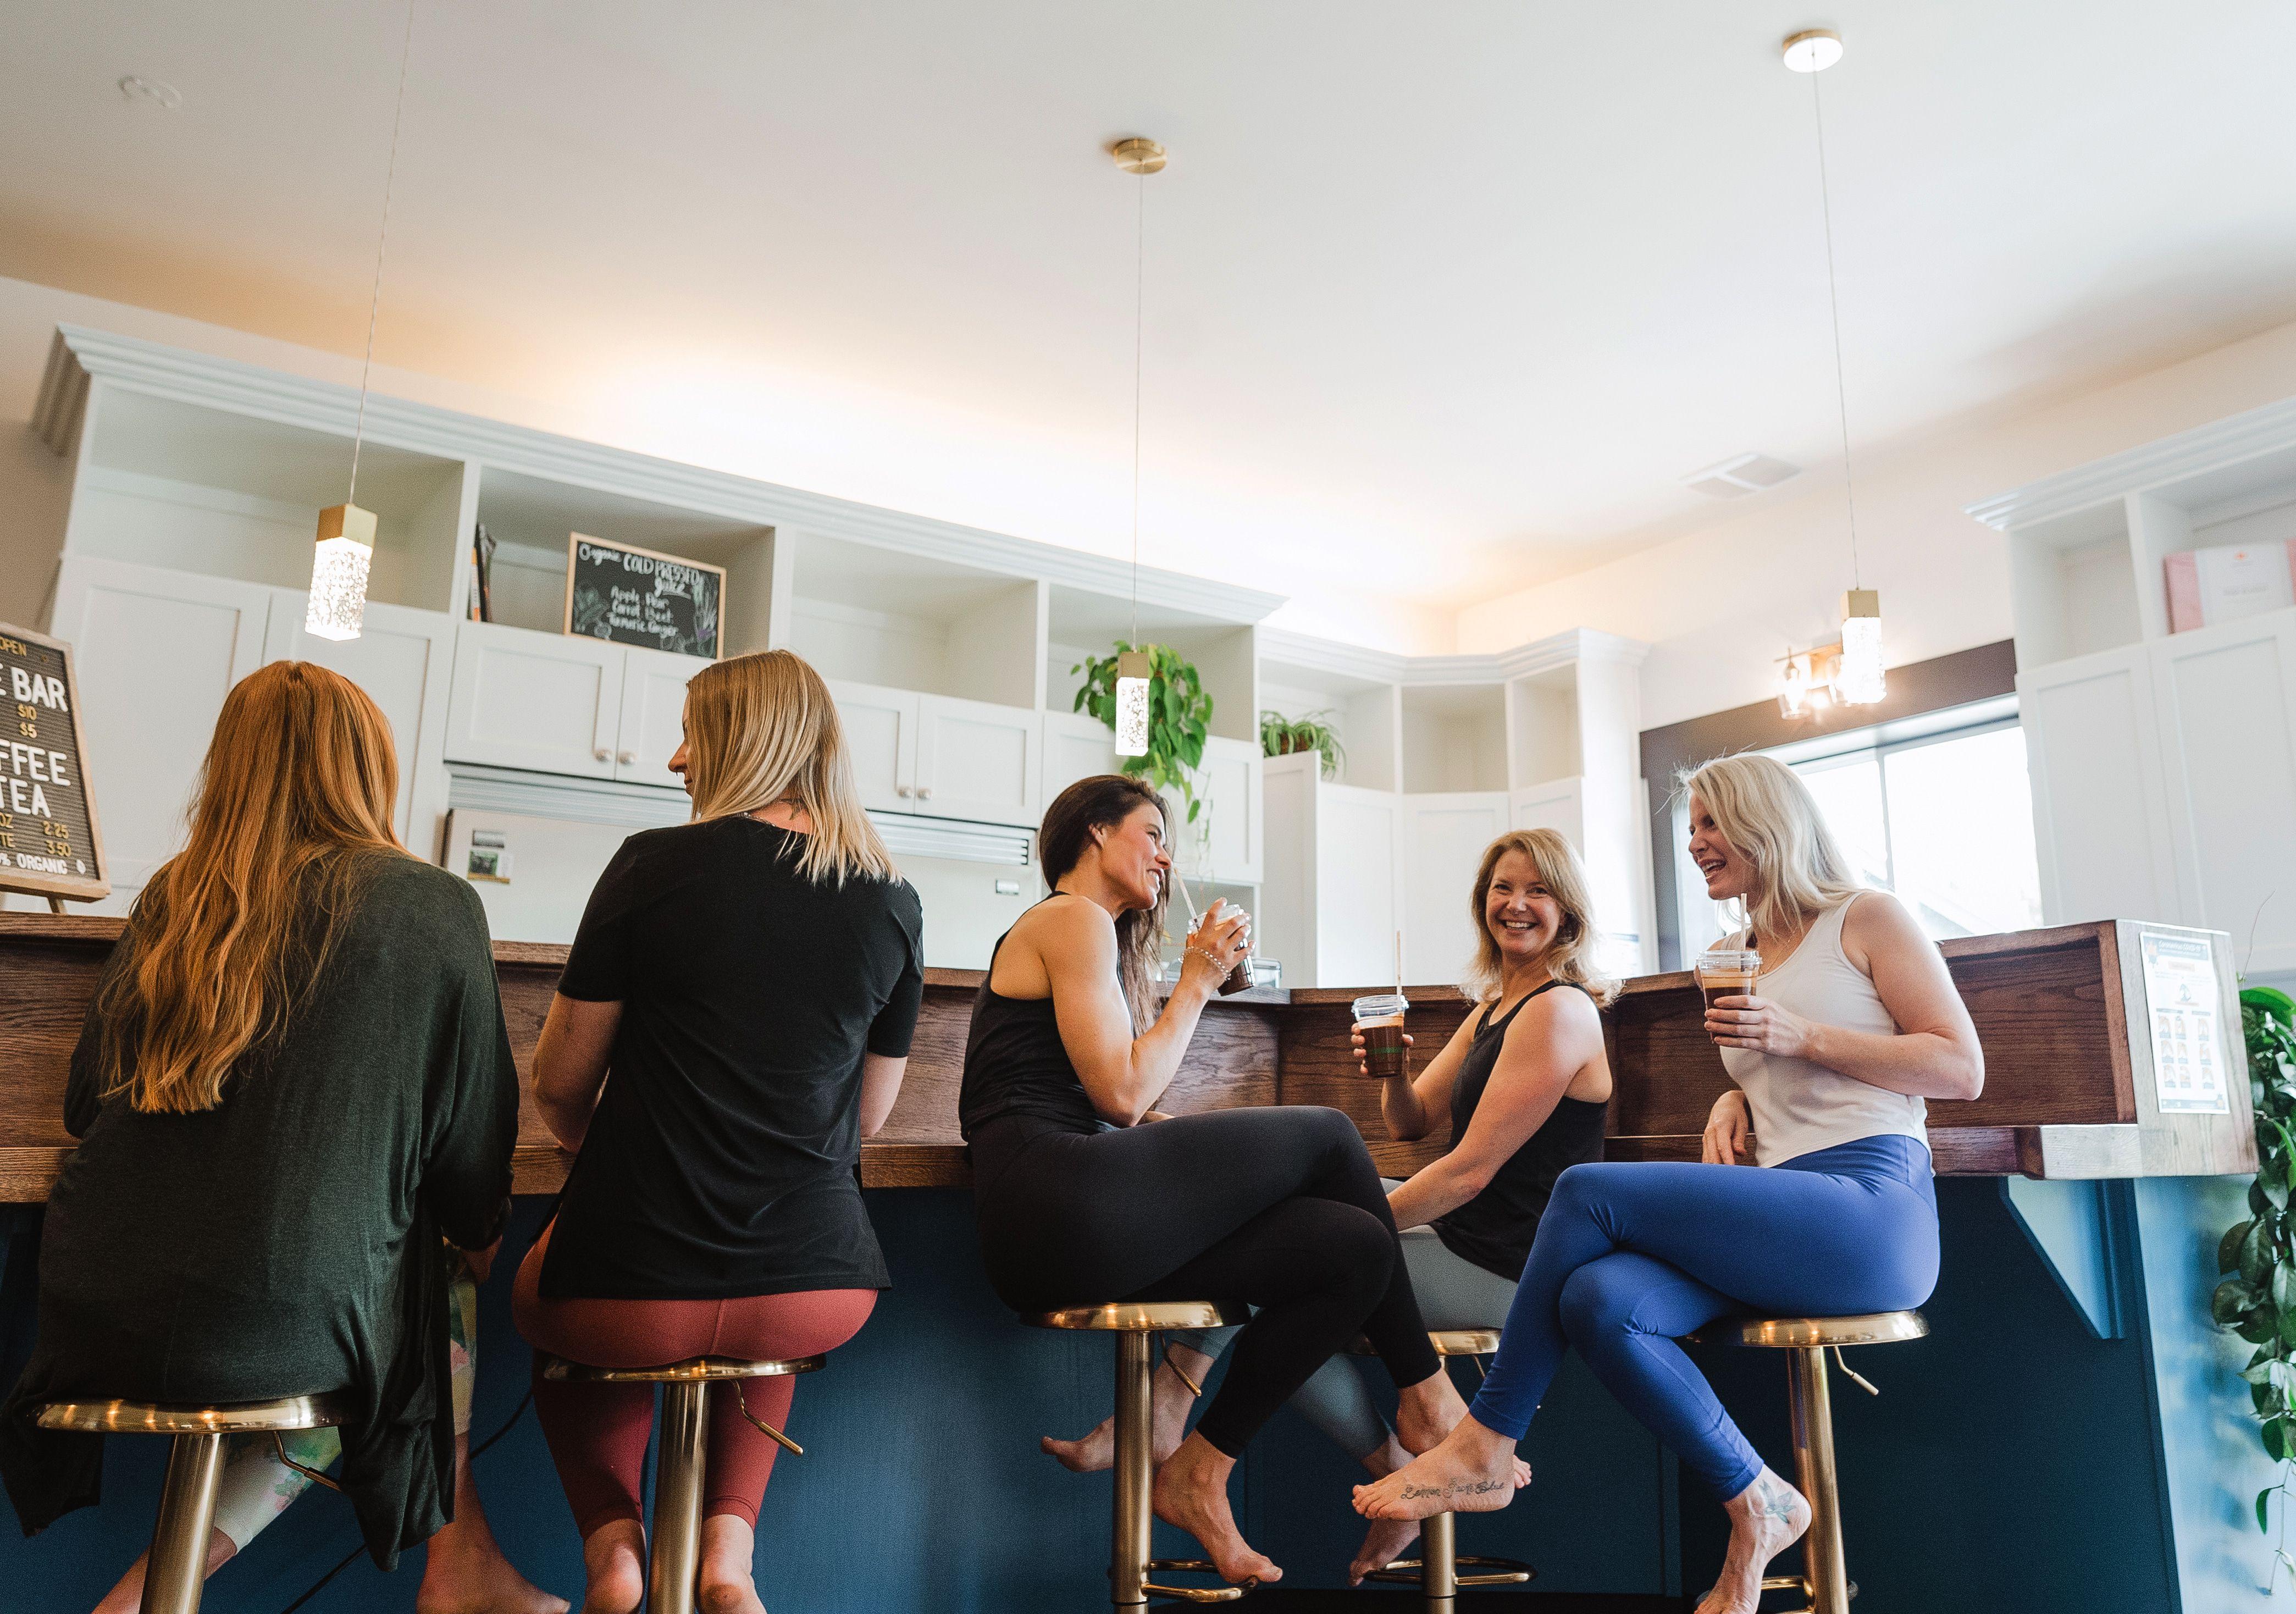 cafe ladies.jpg